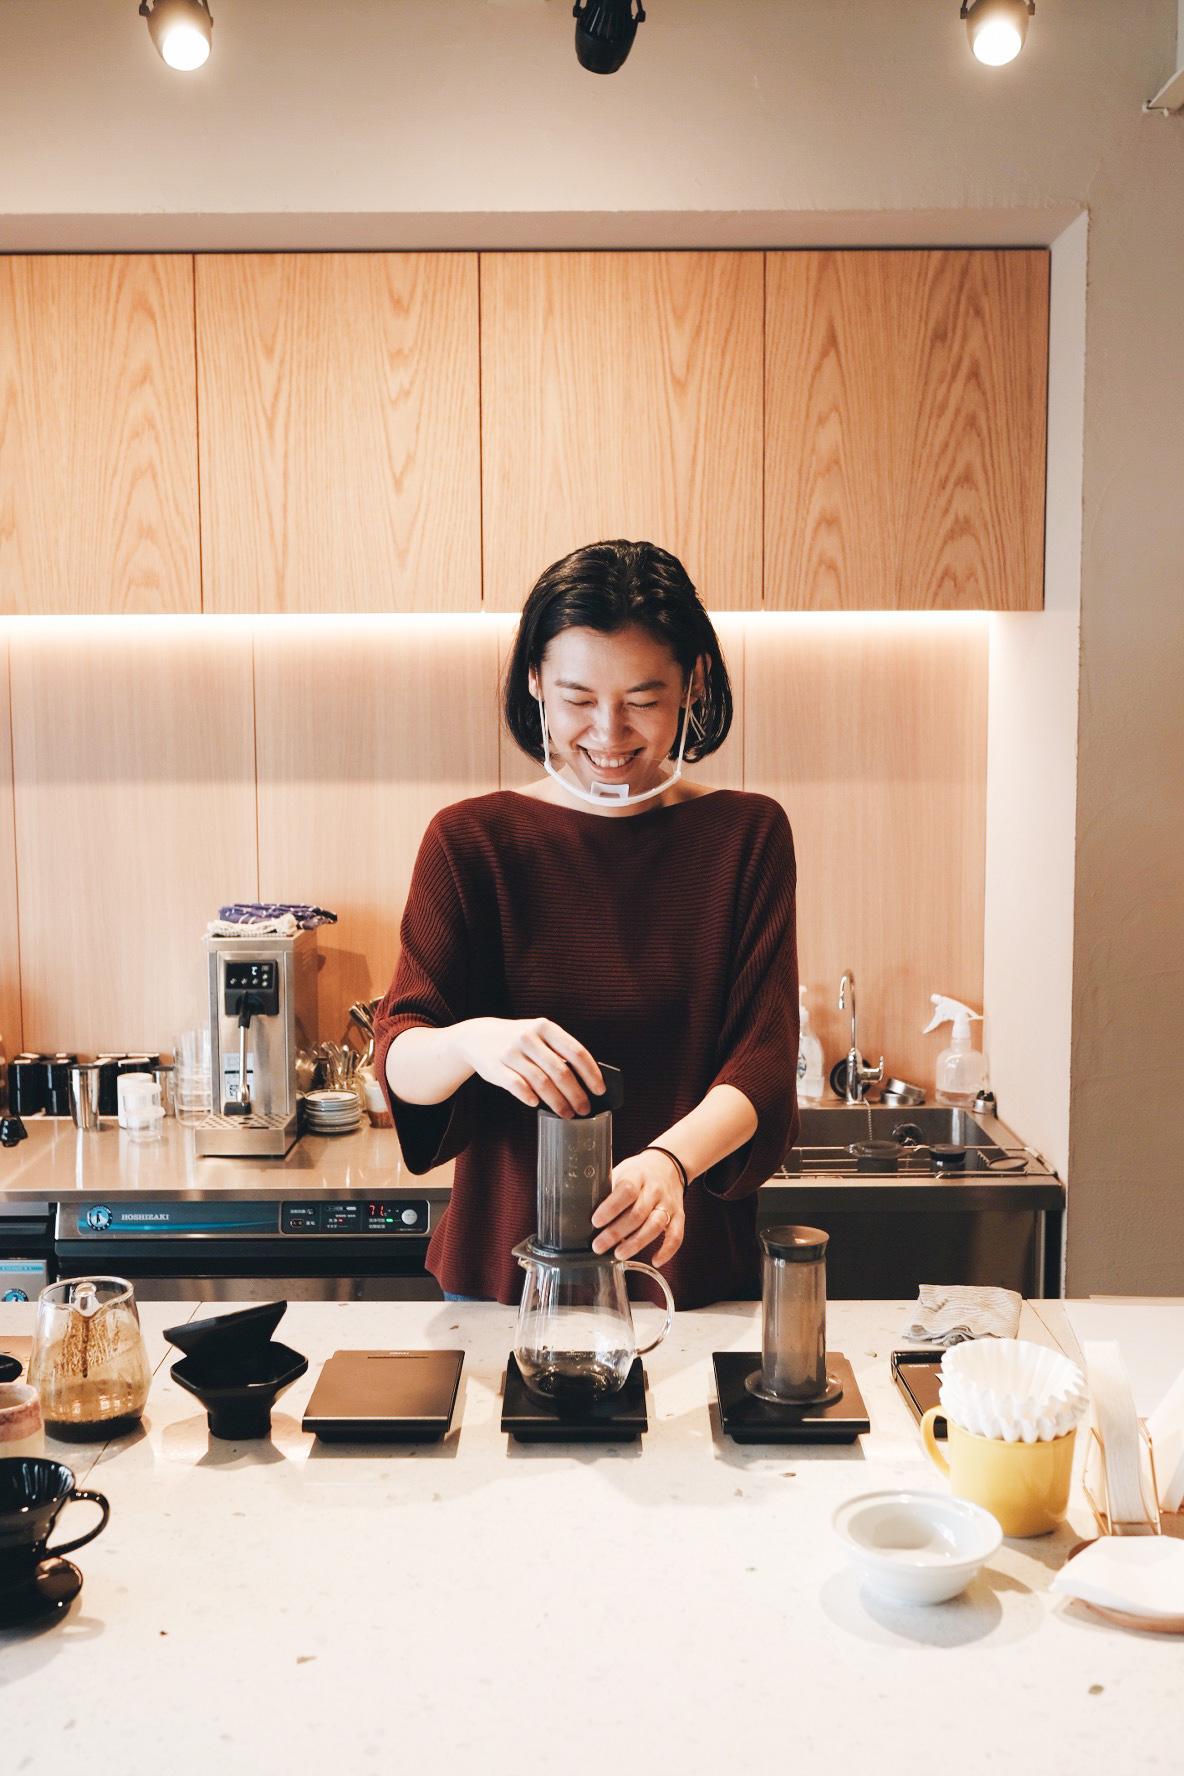 THE RELAY 8月 マンスリーロースター【Kurasu /京都】ただ生きるのではなく、「暮らす」コトを大切に。コーヒーを通して京都から全国、そして世界へ。